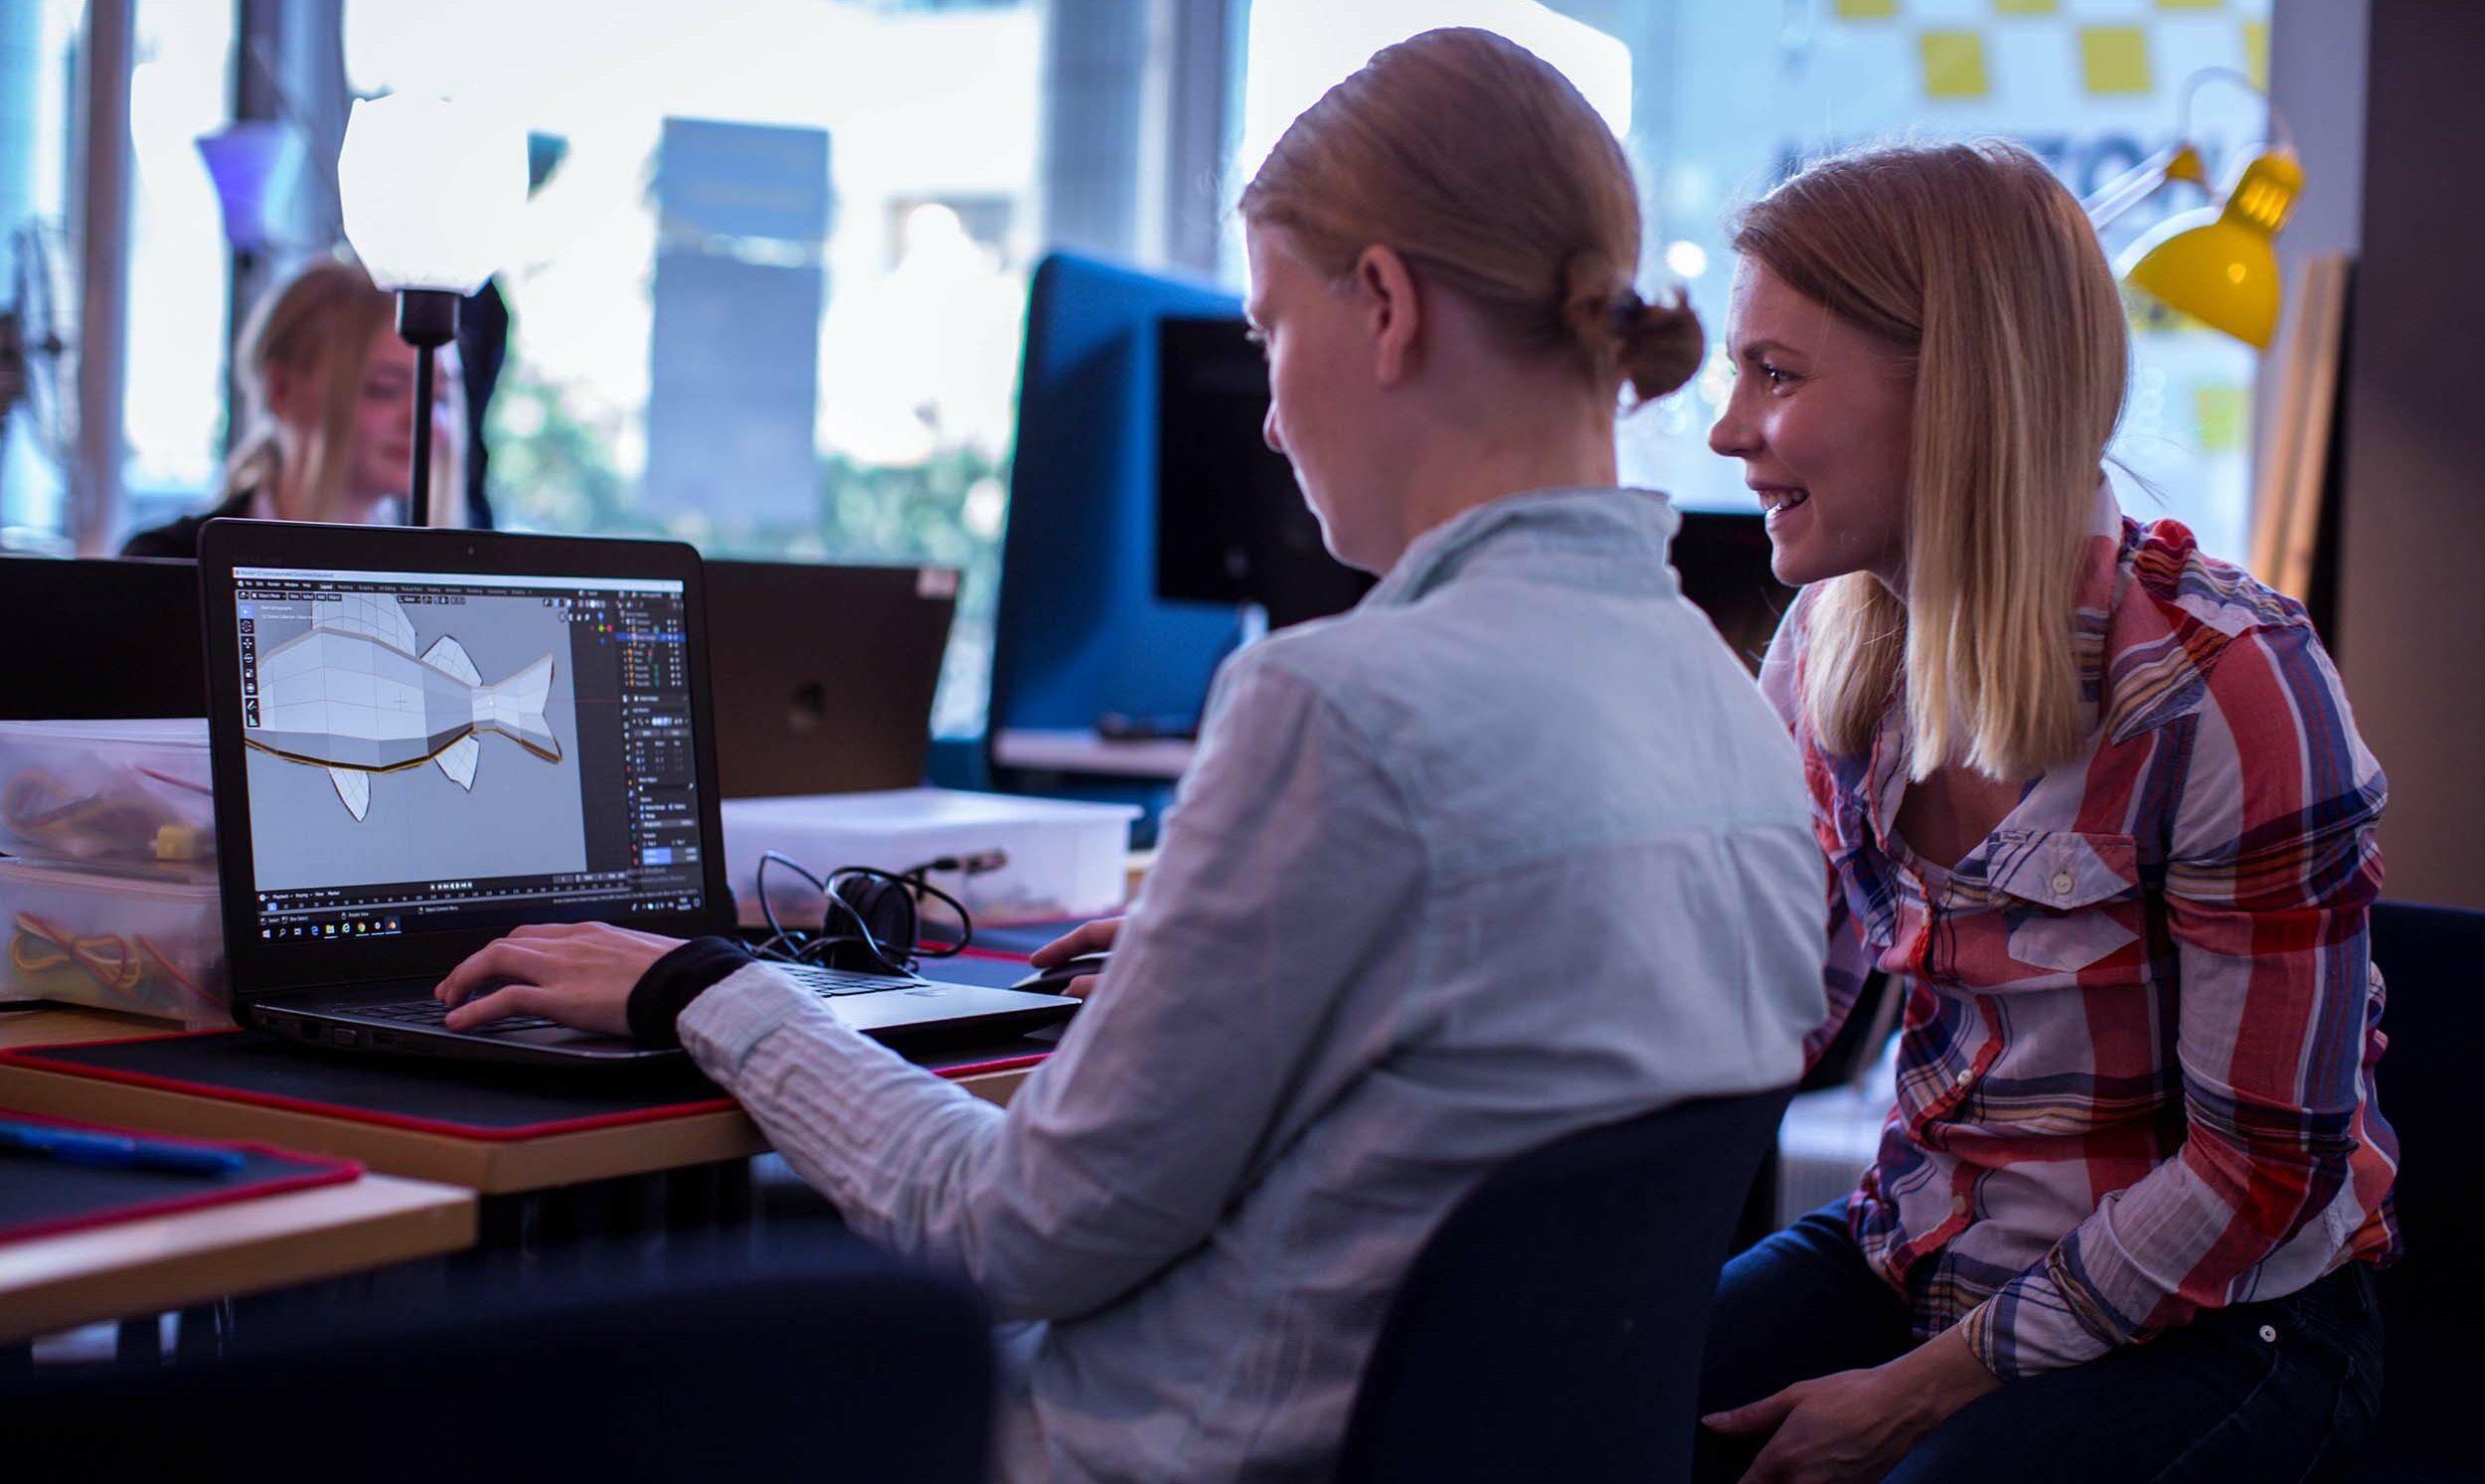 Tekstivastine: Kaksi nuorta naista istuu luokassa tietokoneruudun äärellä, työstävät piirto-ohjelmalla kalan kuvaa. Iloinen tunnelma.